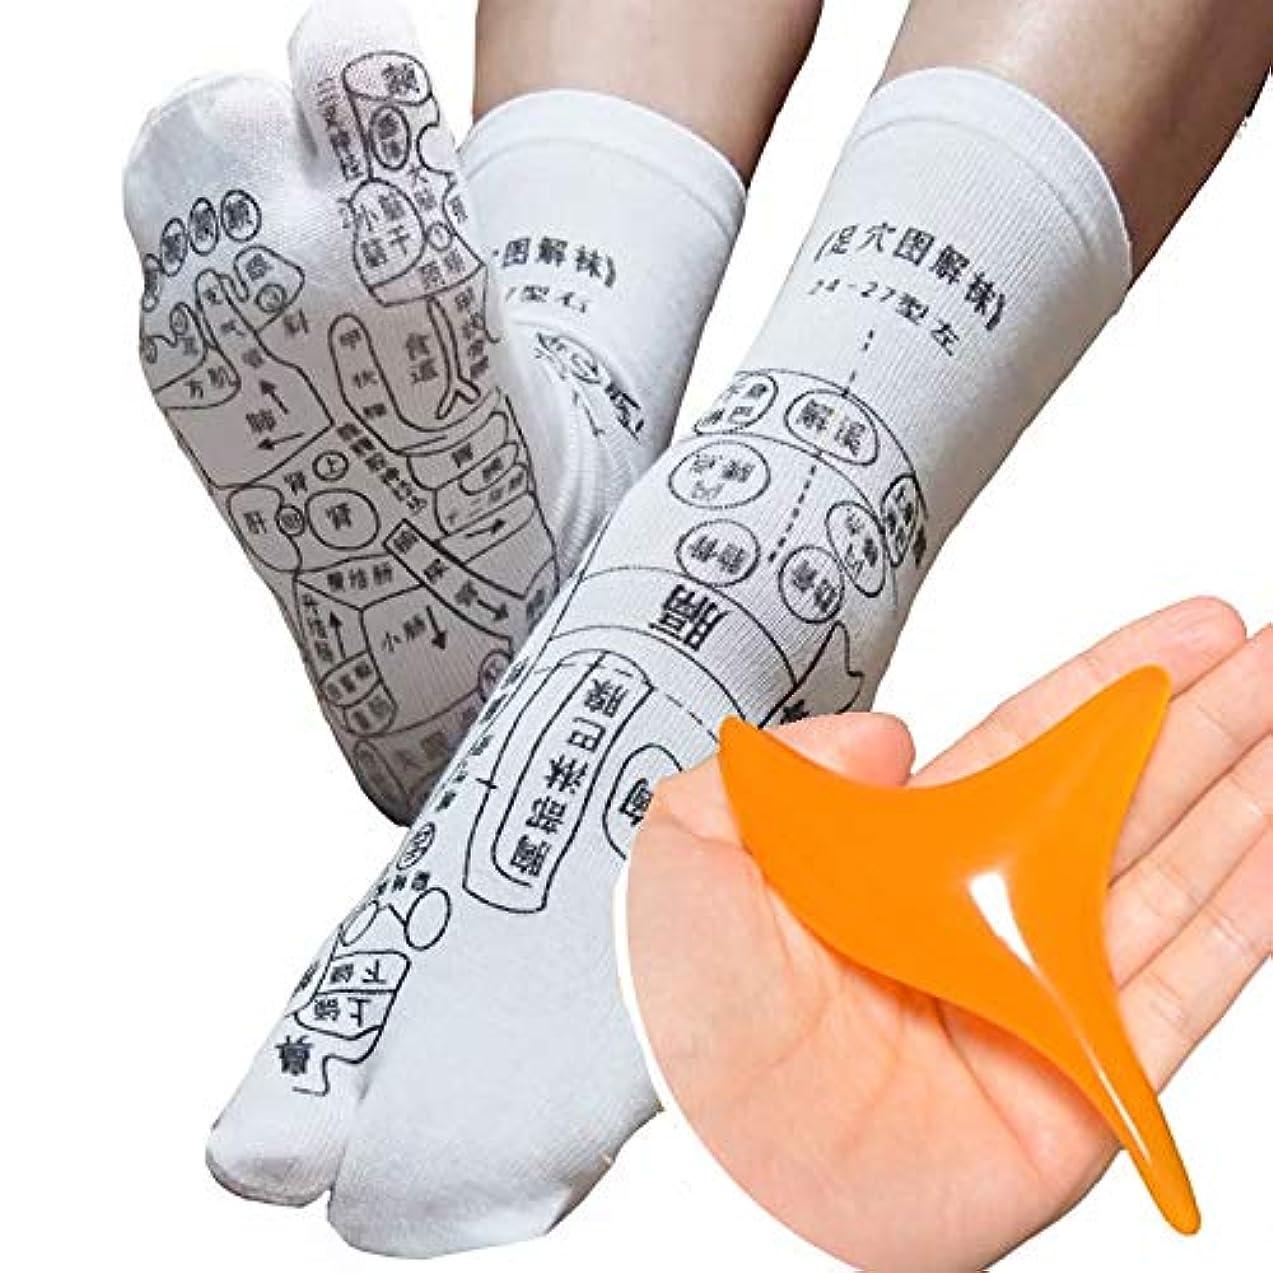 ドラフト反発借りている足全体のツボが「見える」プリントソックス オカリナ型カッサ付き 足裏つぼおしソックス 足ツボ靴下 反射区 サイズ22~26センチ 靴下の字は中国語